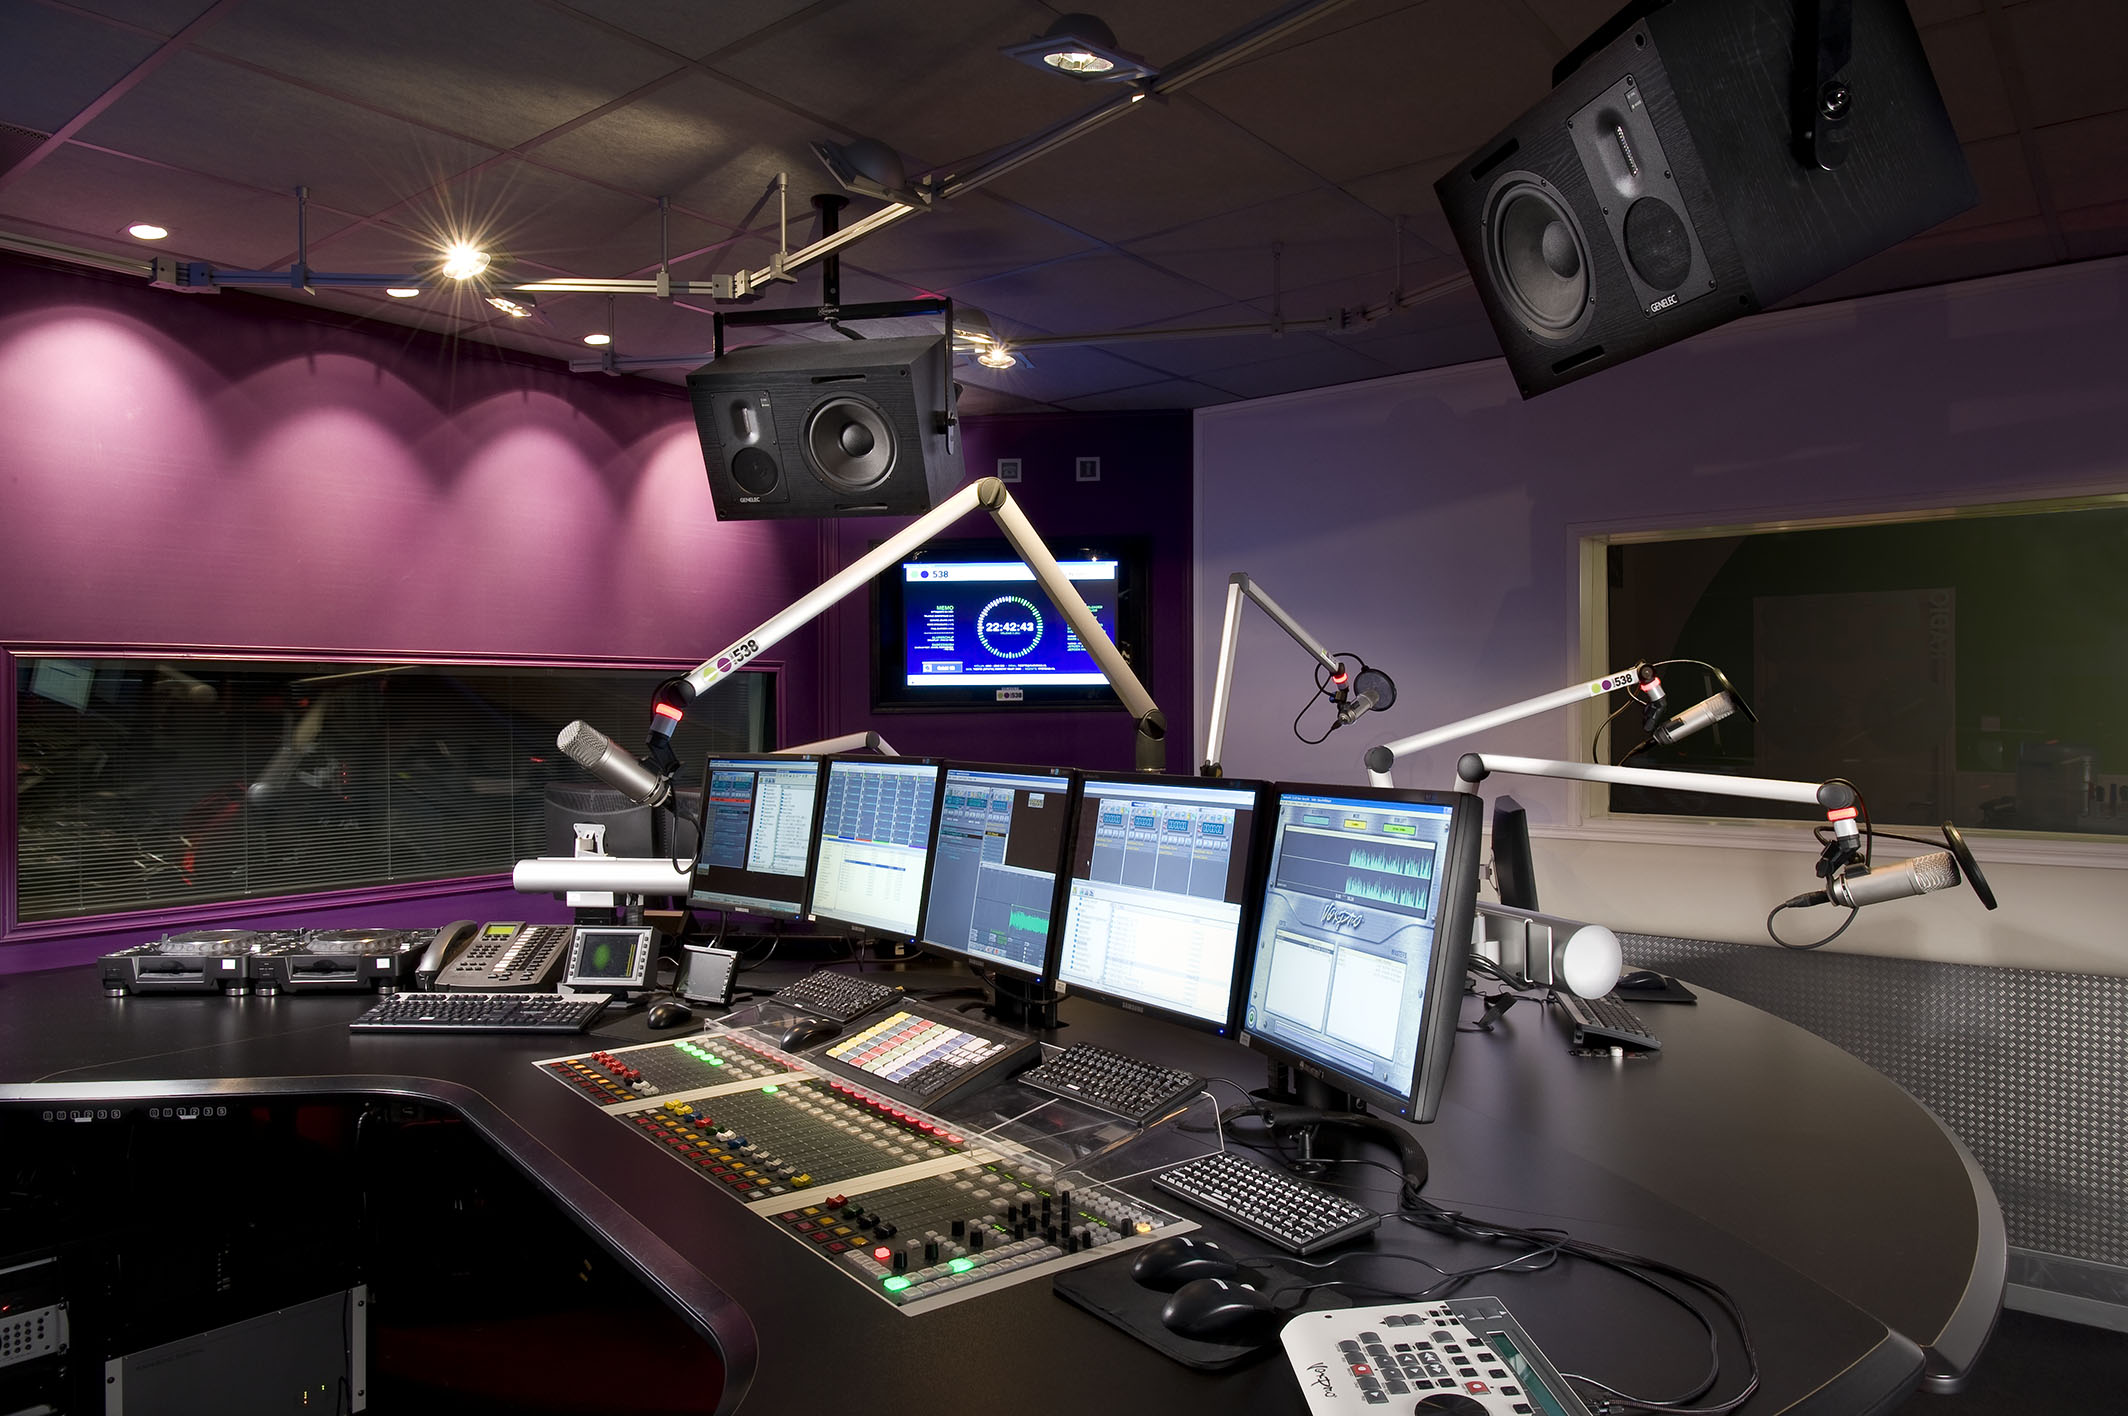 خلفية موقع راديو مصر